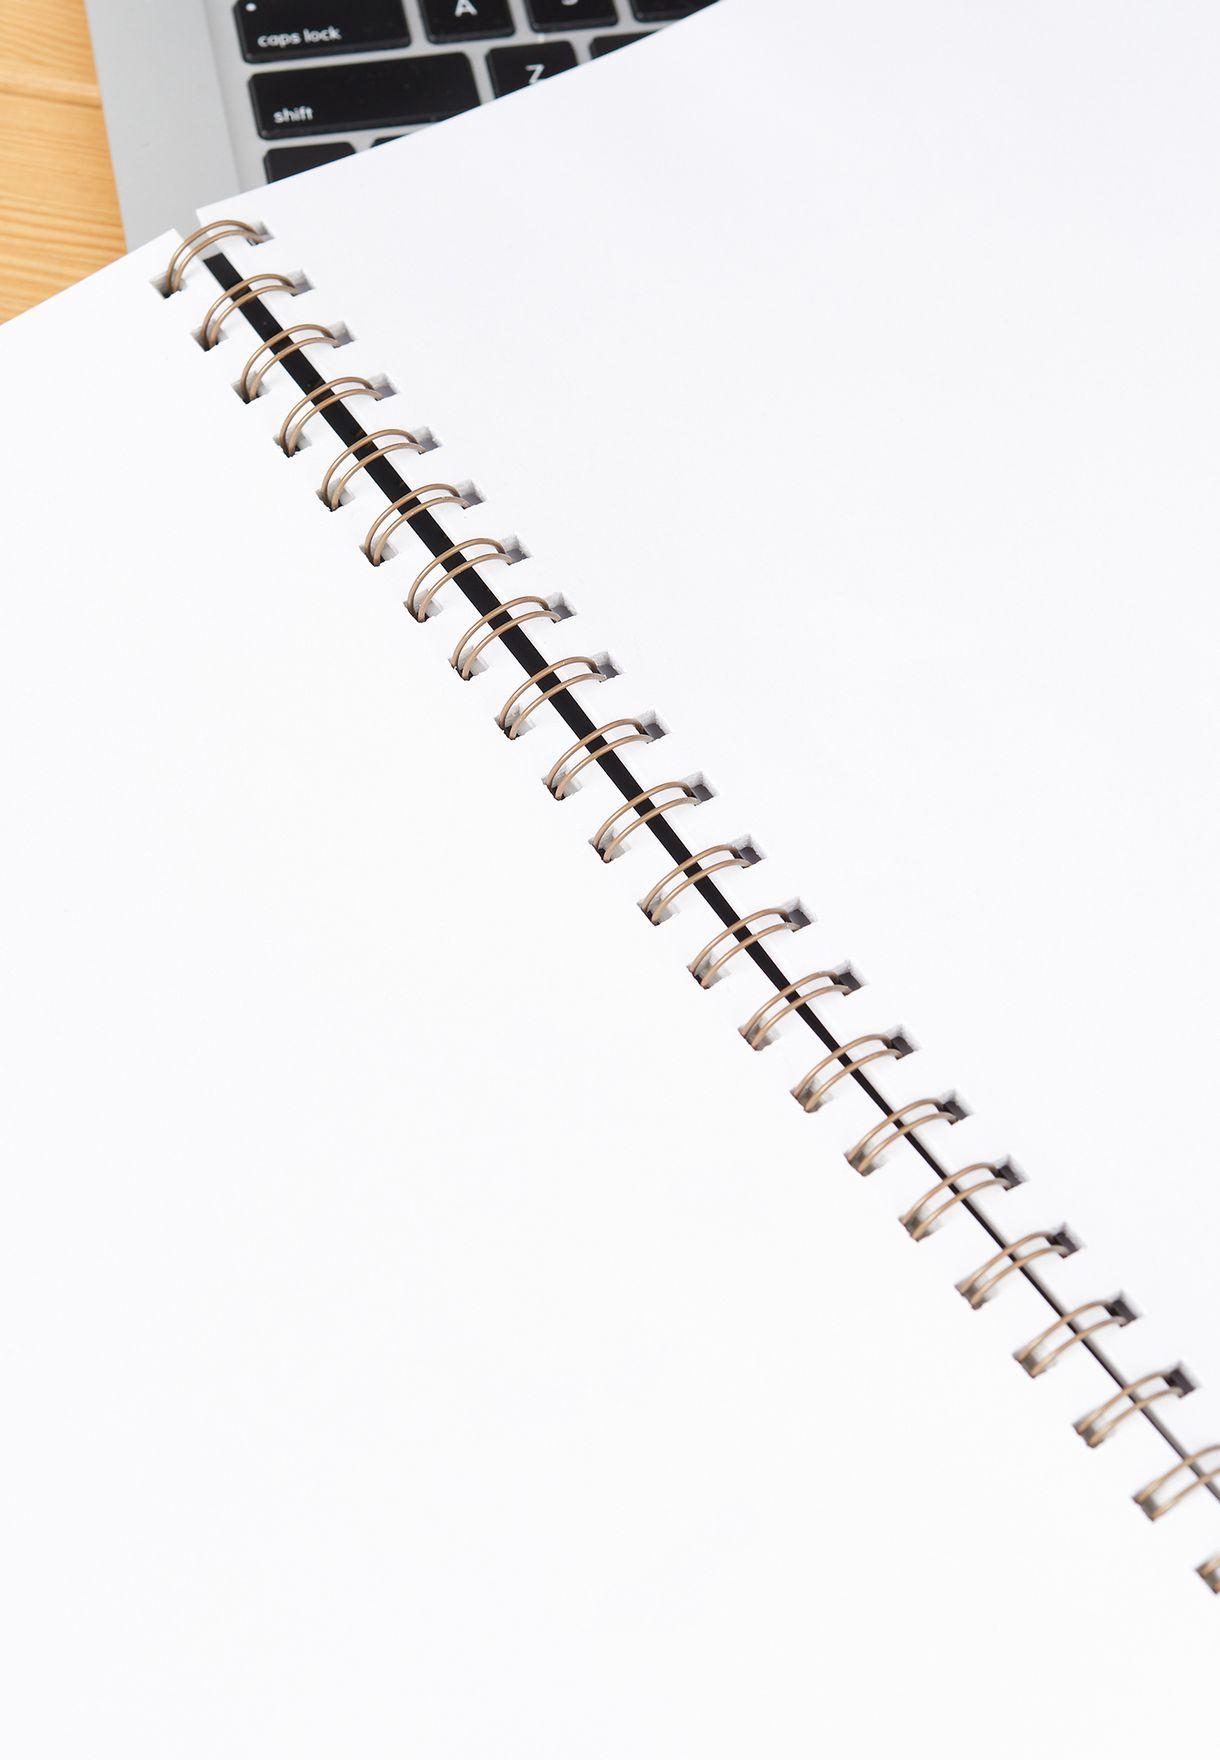 دفتر يوميات A4